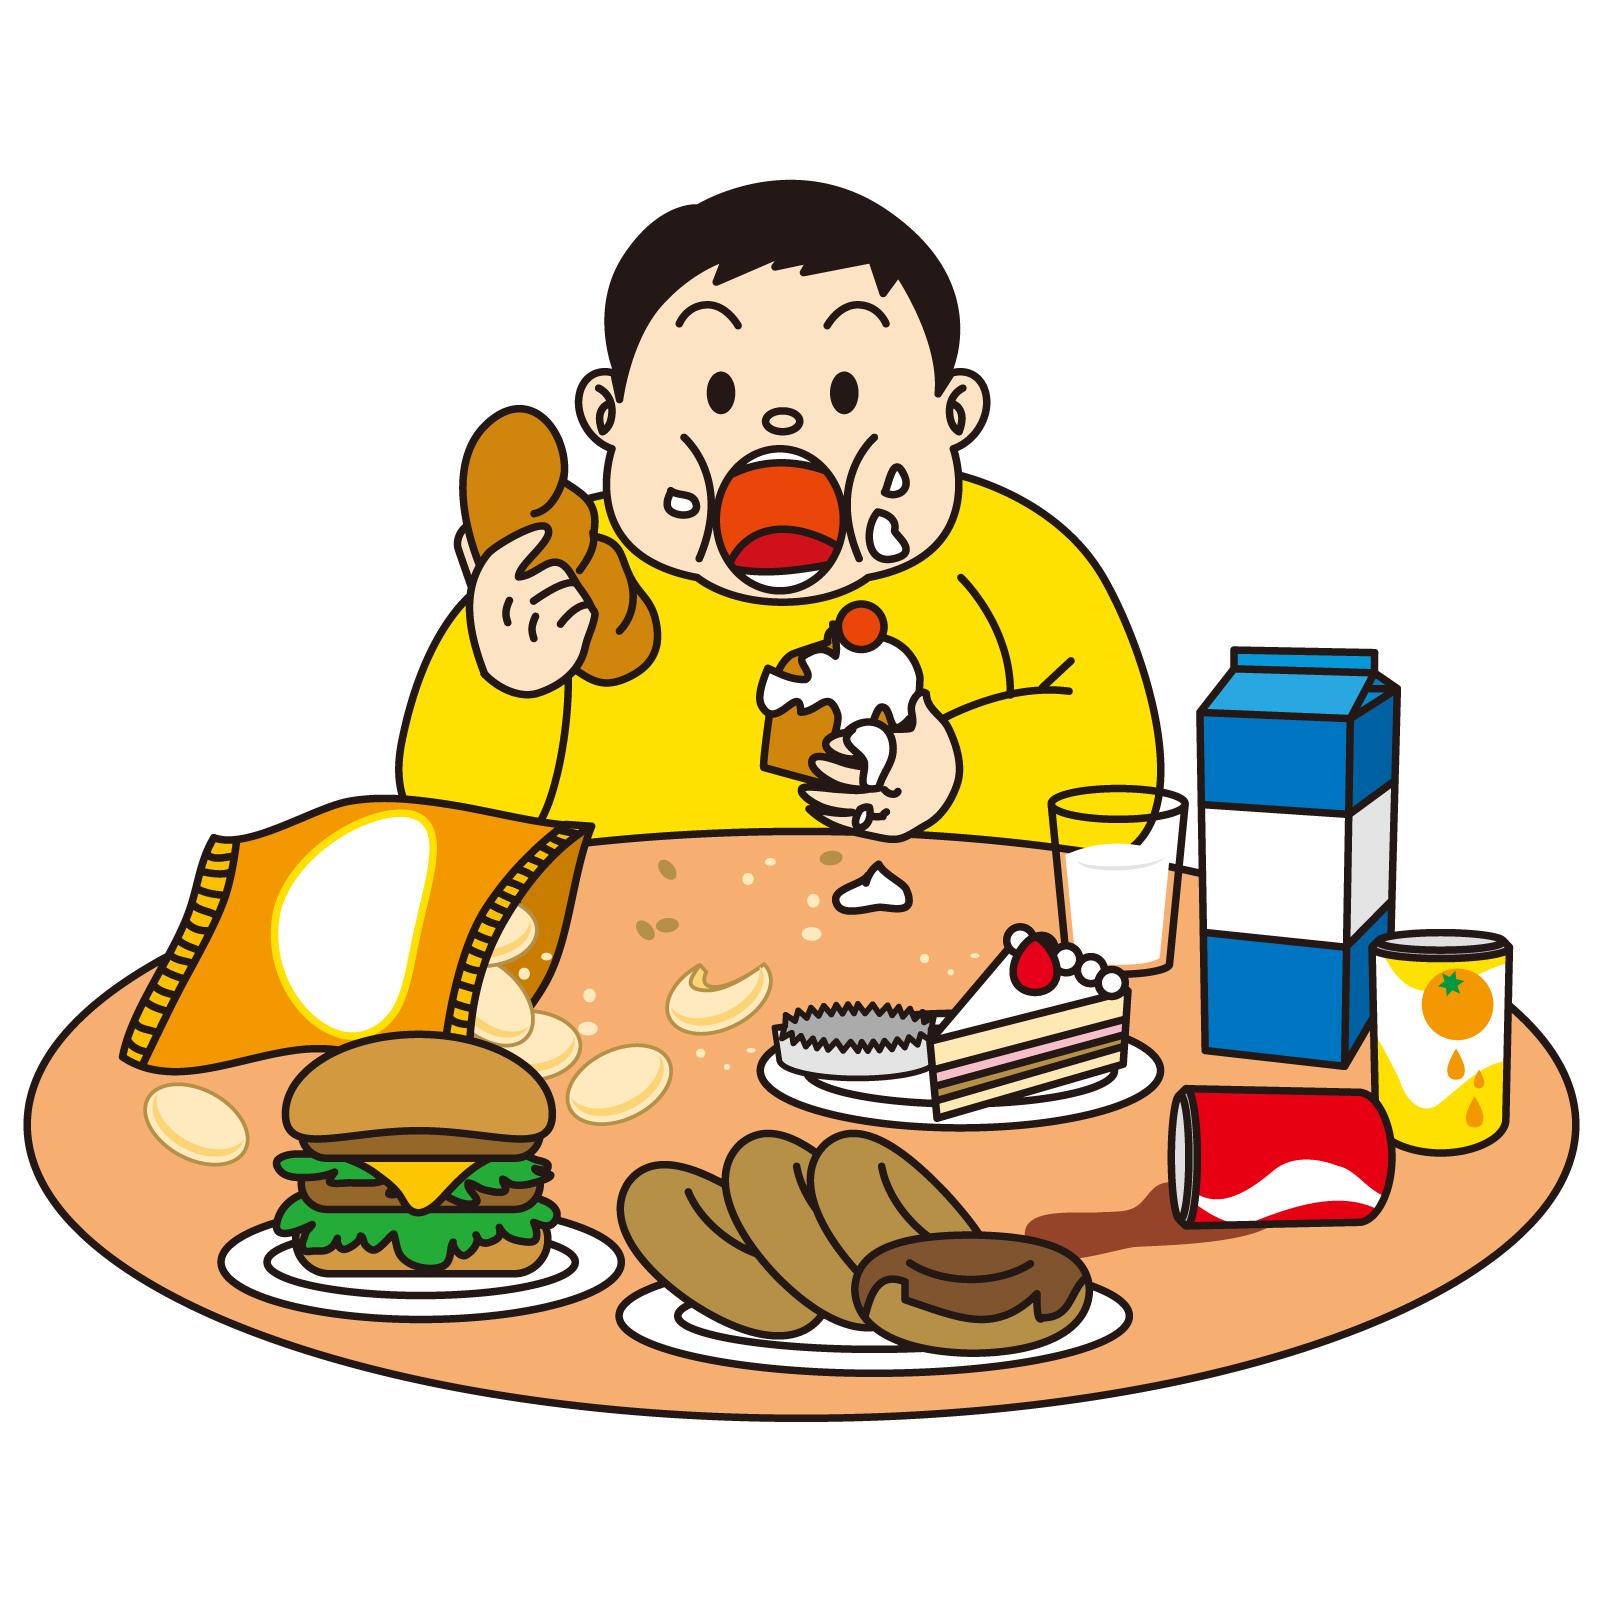 肥満の種類とメカニズム1